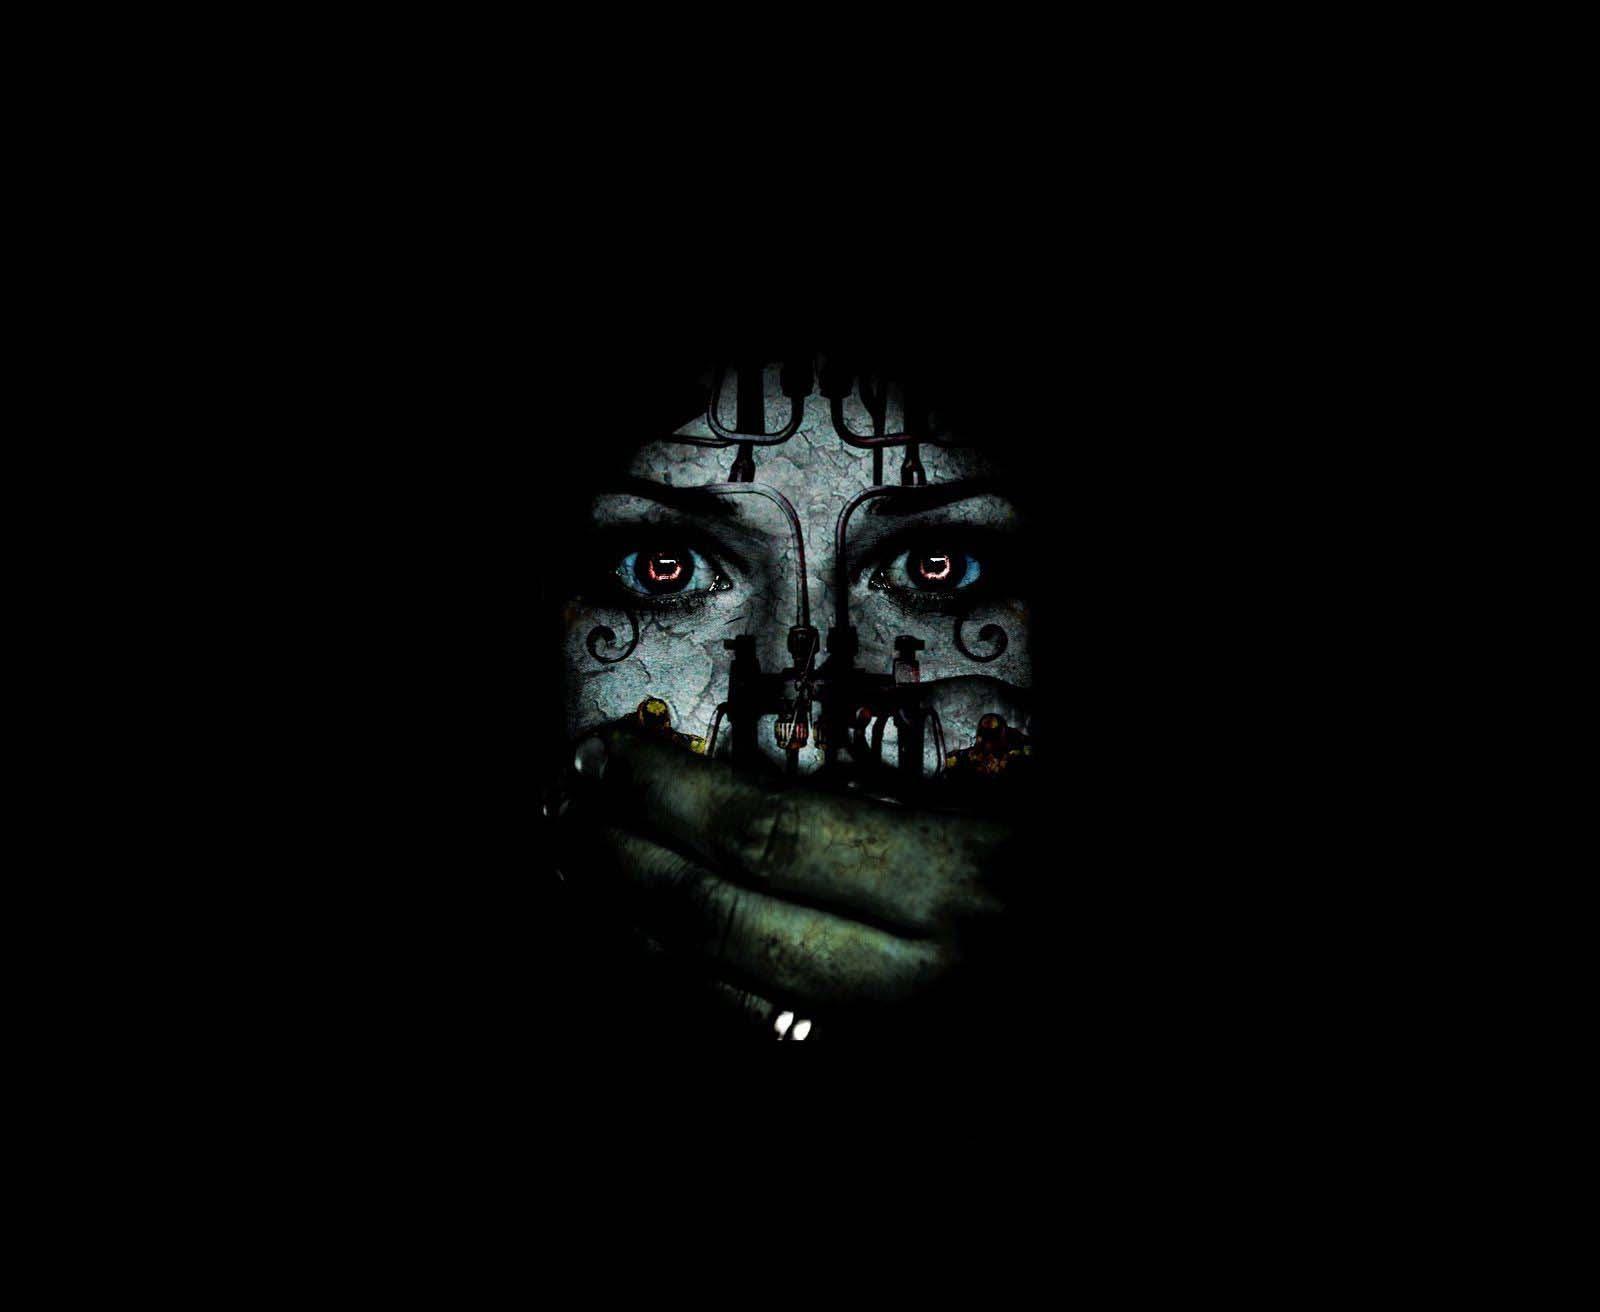 Hình ảnh màu đen nghệ thuật